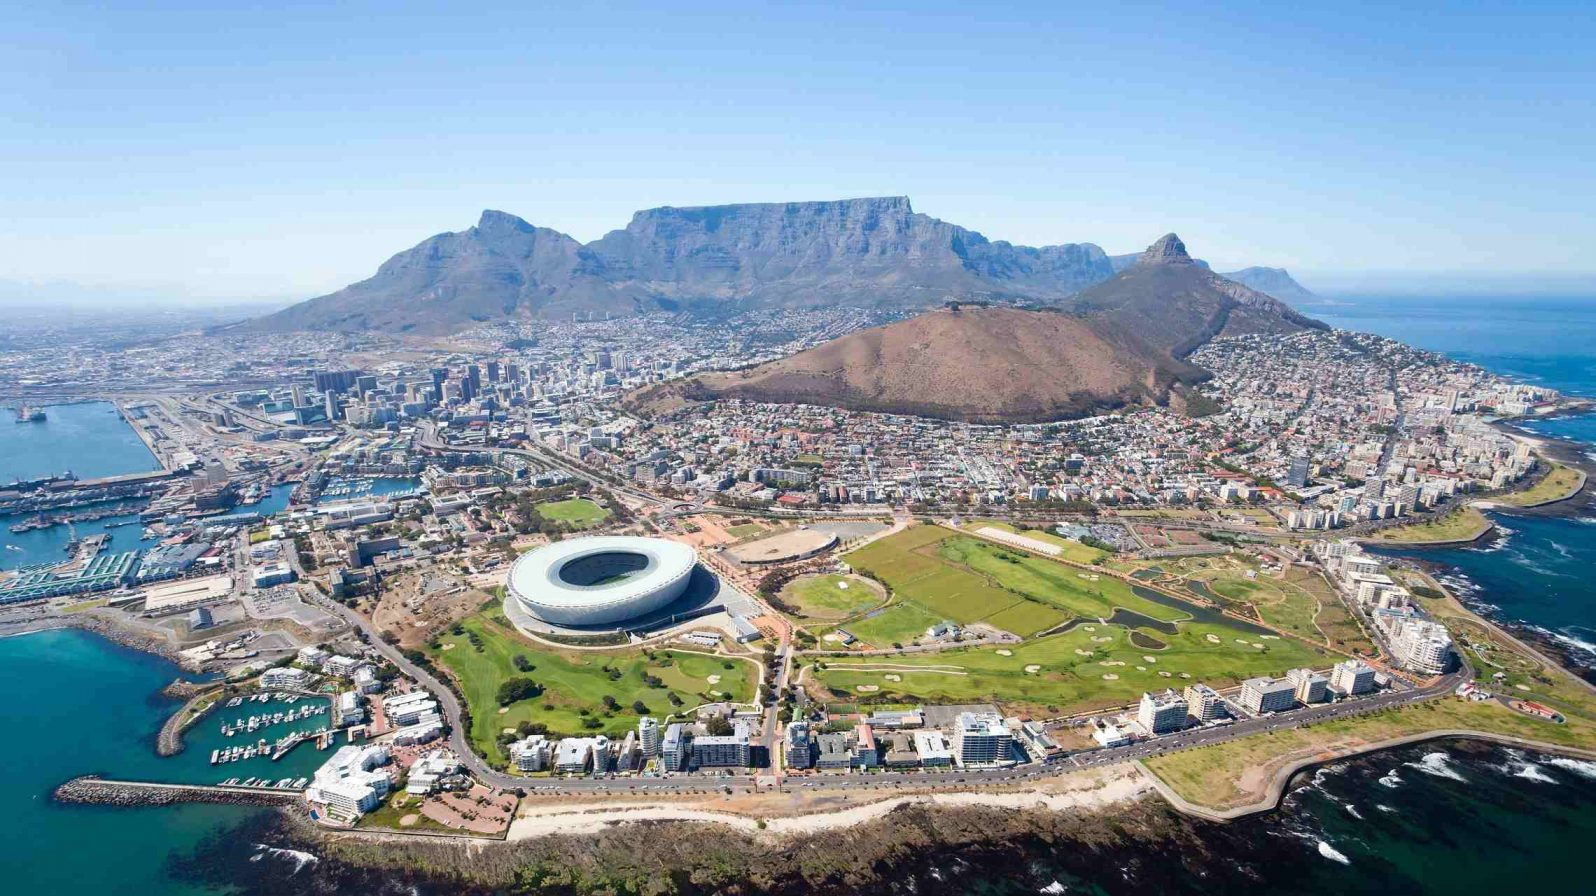 Etelä-Afrikan risteily 20.1.2020